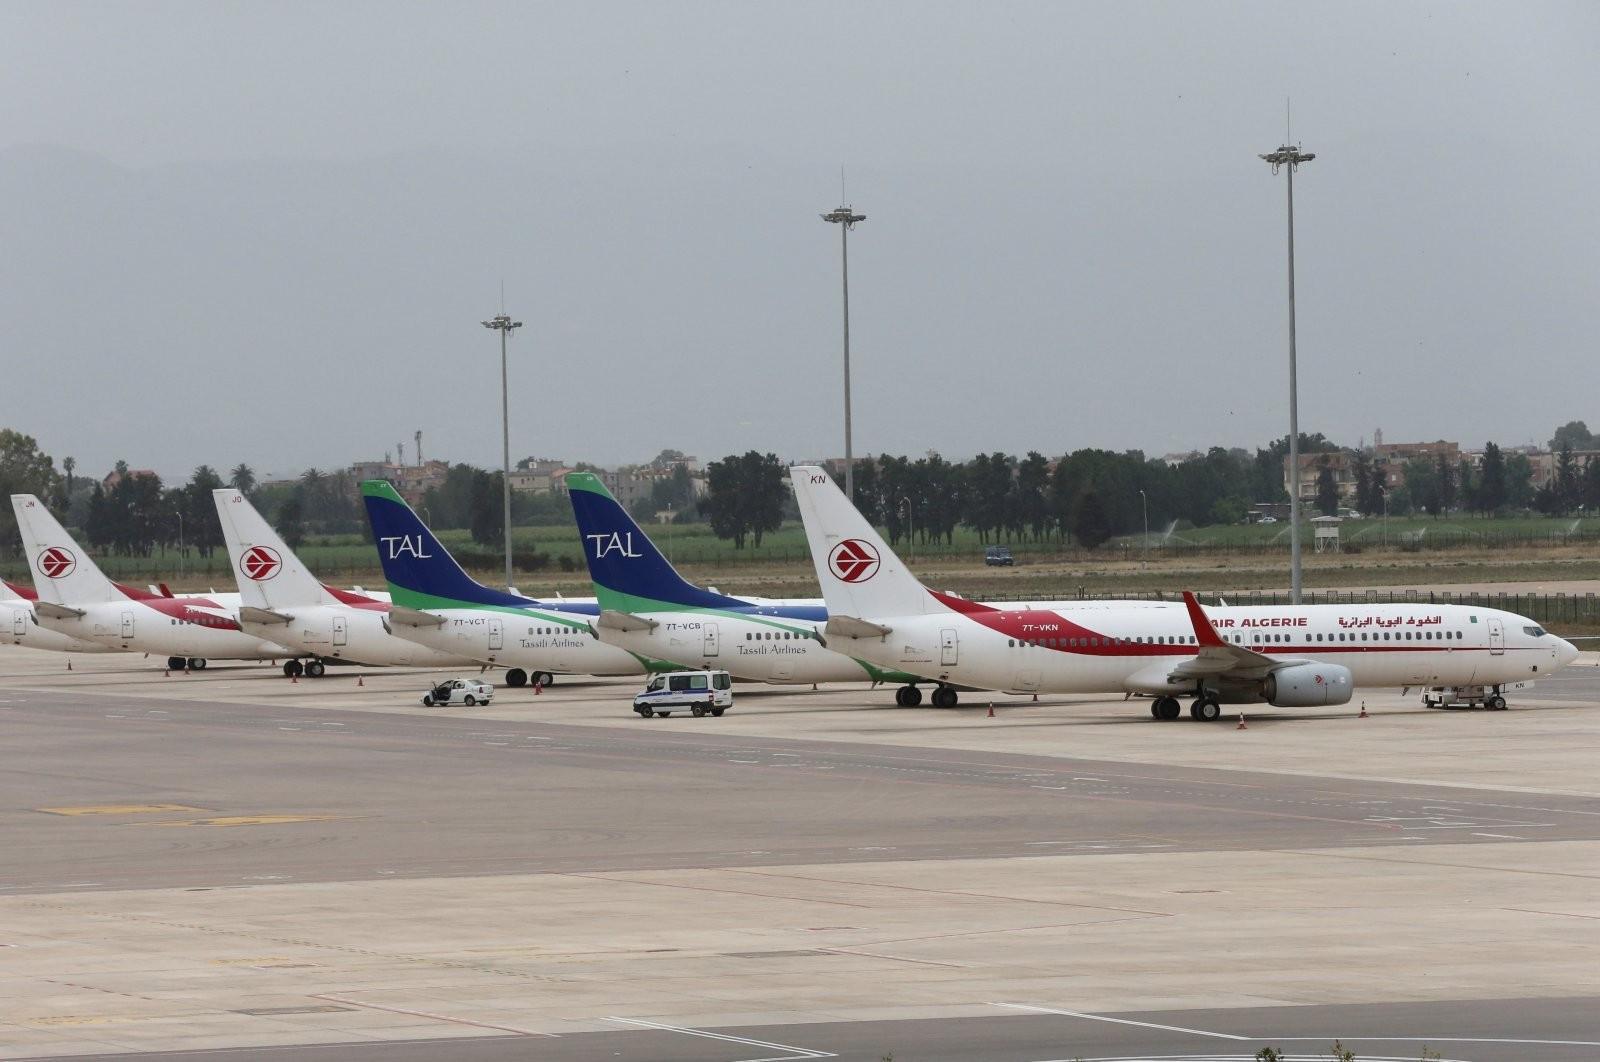 Căng thẳng tiếp tục leo thang, Algeria cấm cửa tất cả máy bay của Morocco. (Nguồn: Reuters)